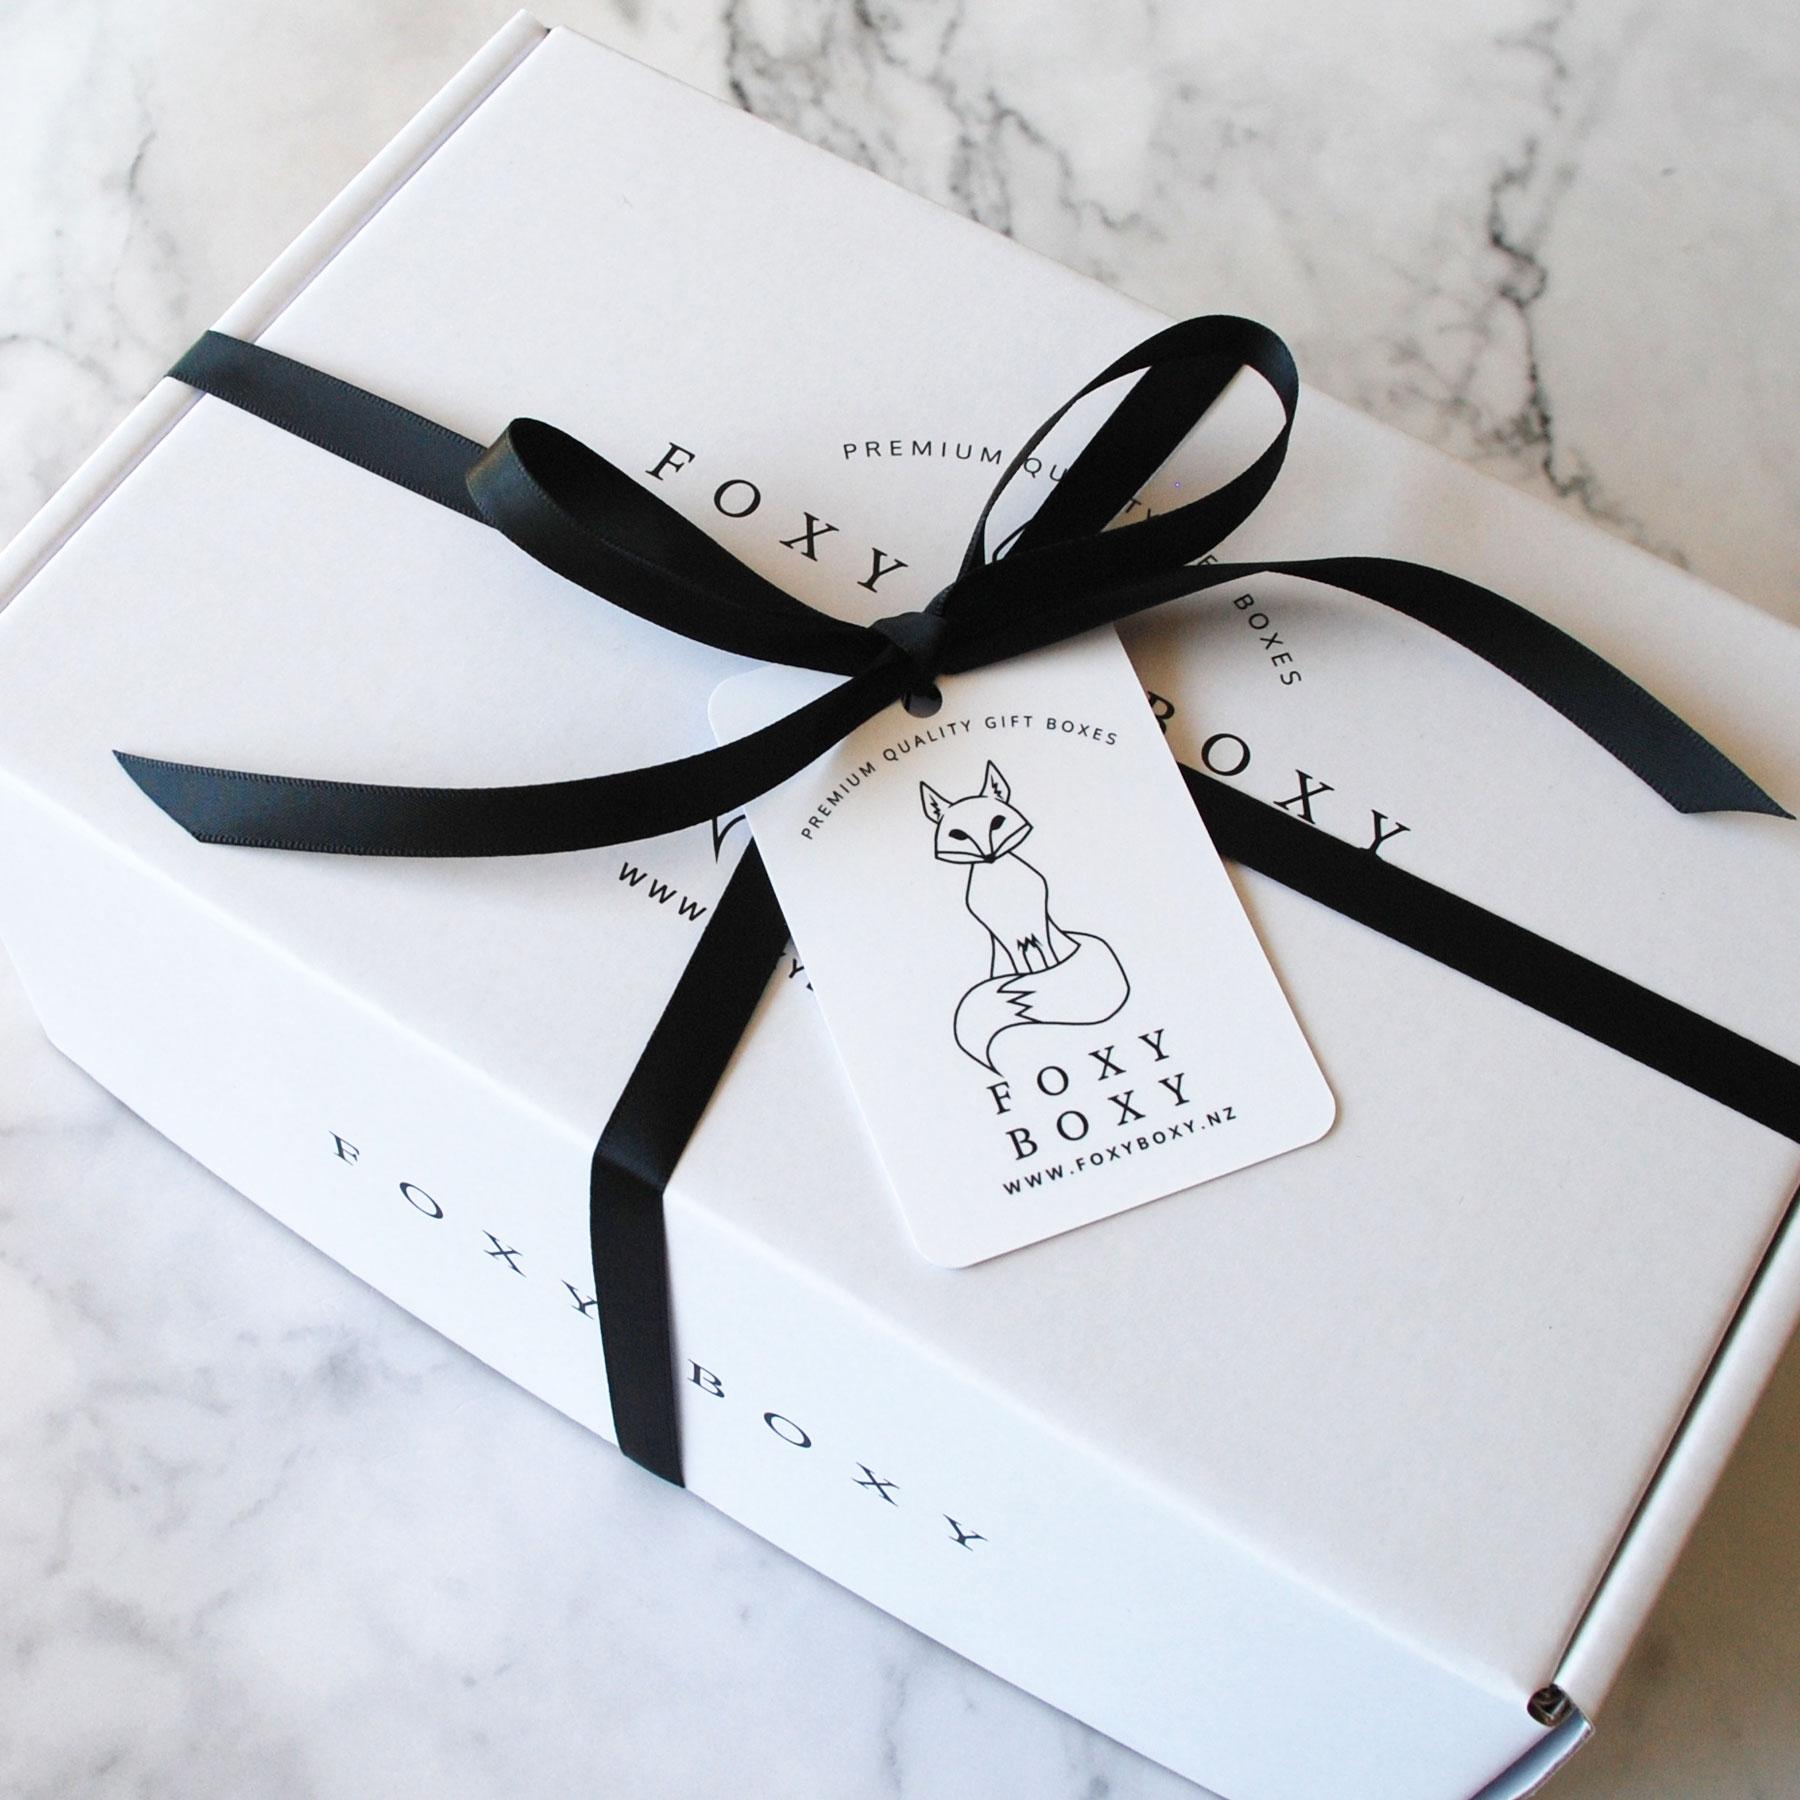 Sparkling Celebration Foxy Boxy Quality Nz Gift Boxes